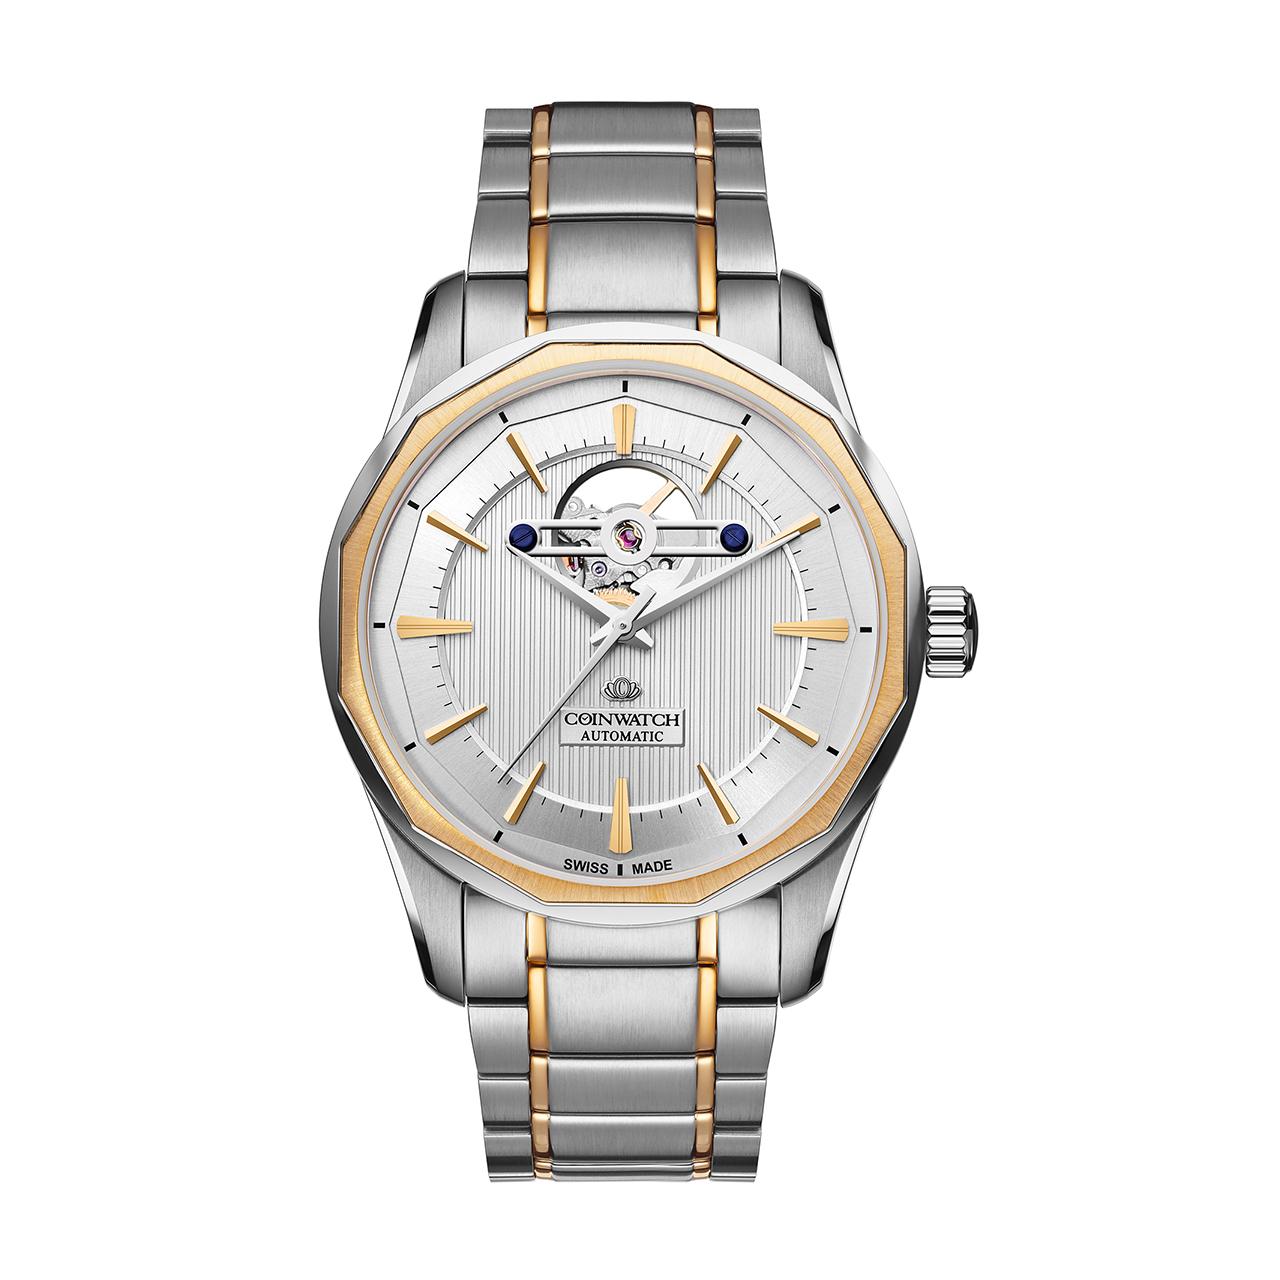 ساعت مچی عقربه ای مردانه کوین واچ مدل C142TWH 18